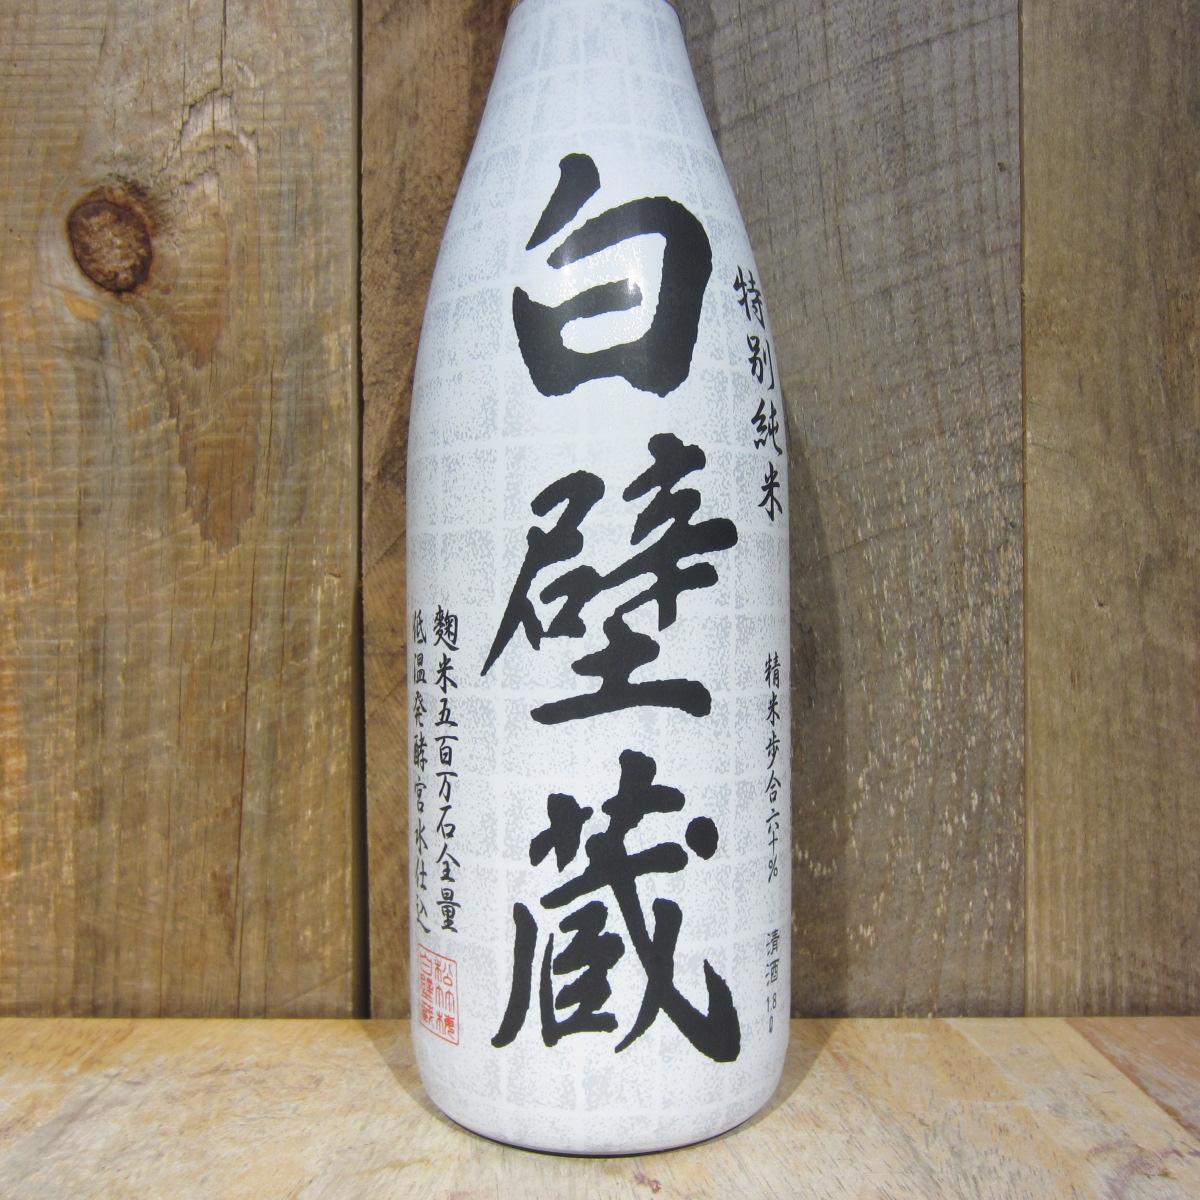 Shirakabe Gura Tokubetsu Junmai 1.8L